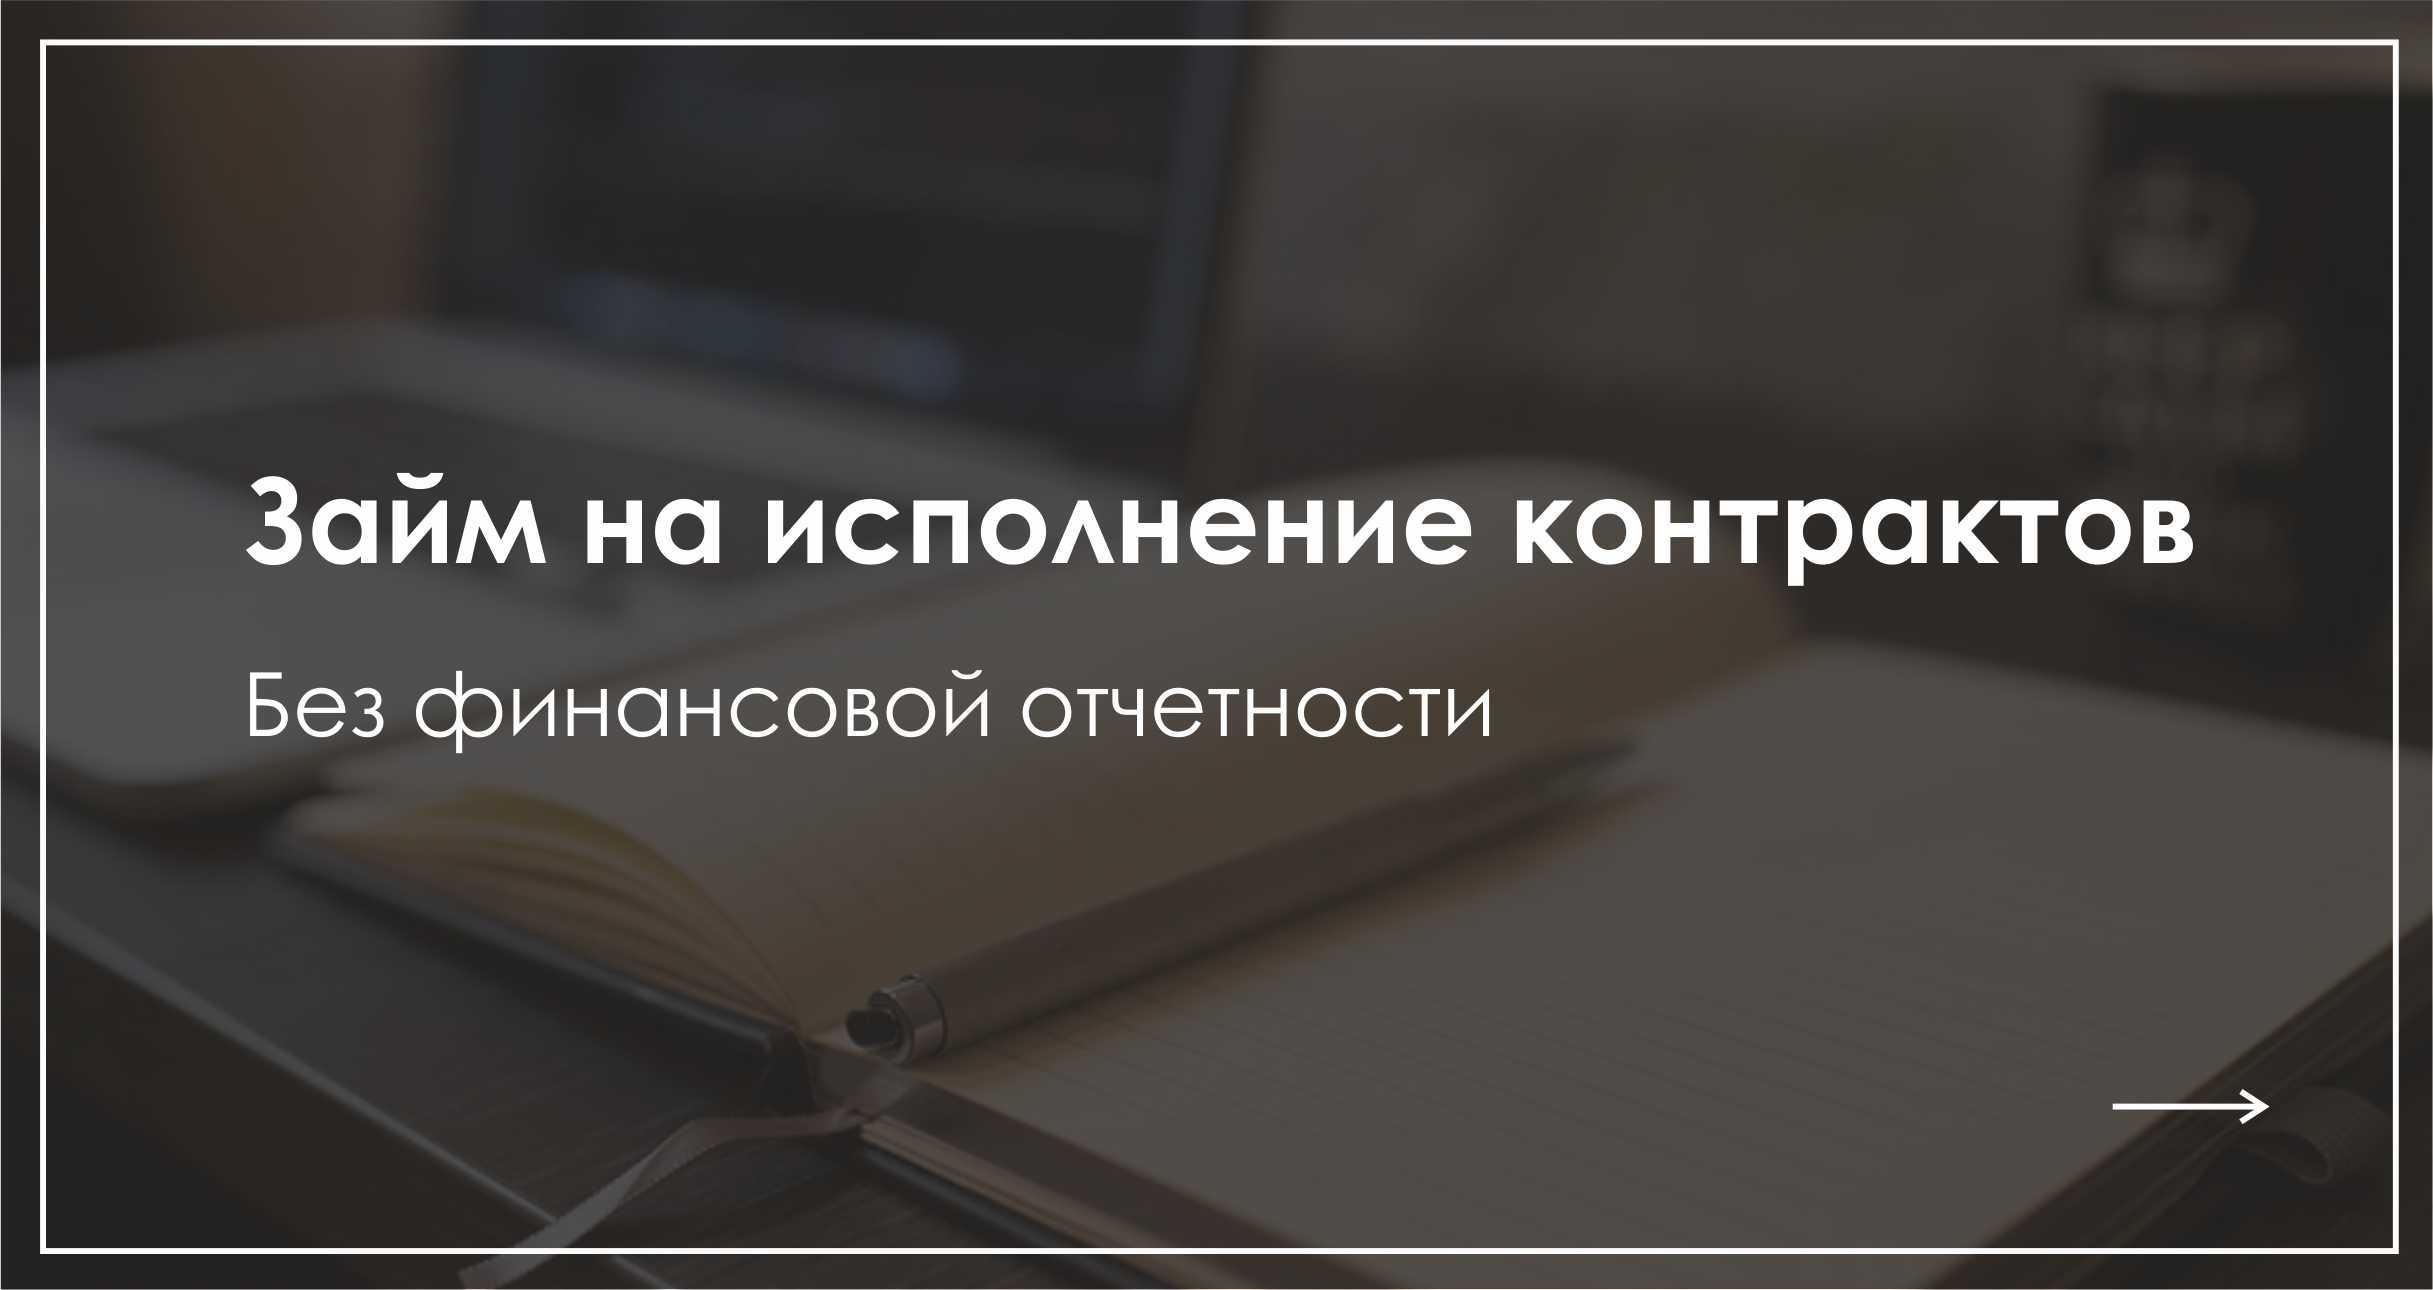 втб-24 кредиты малому бизнесу